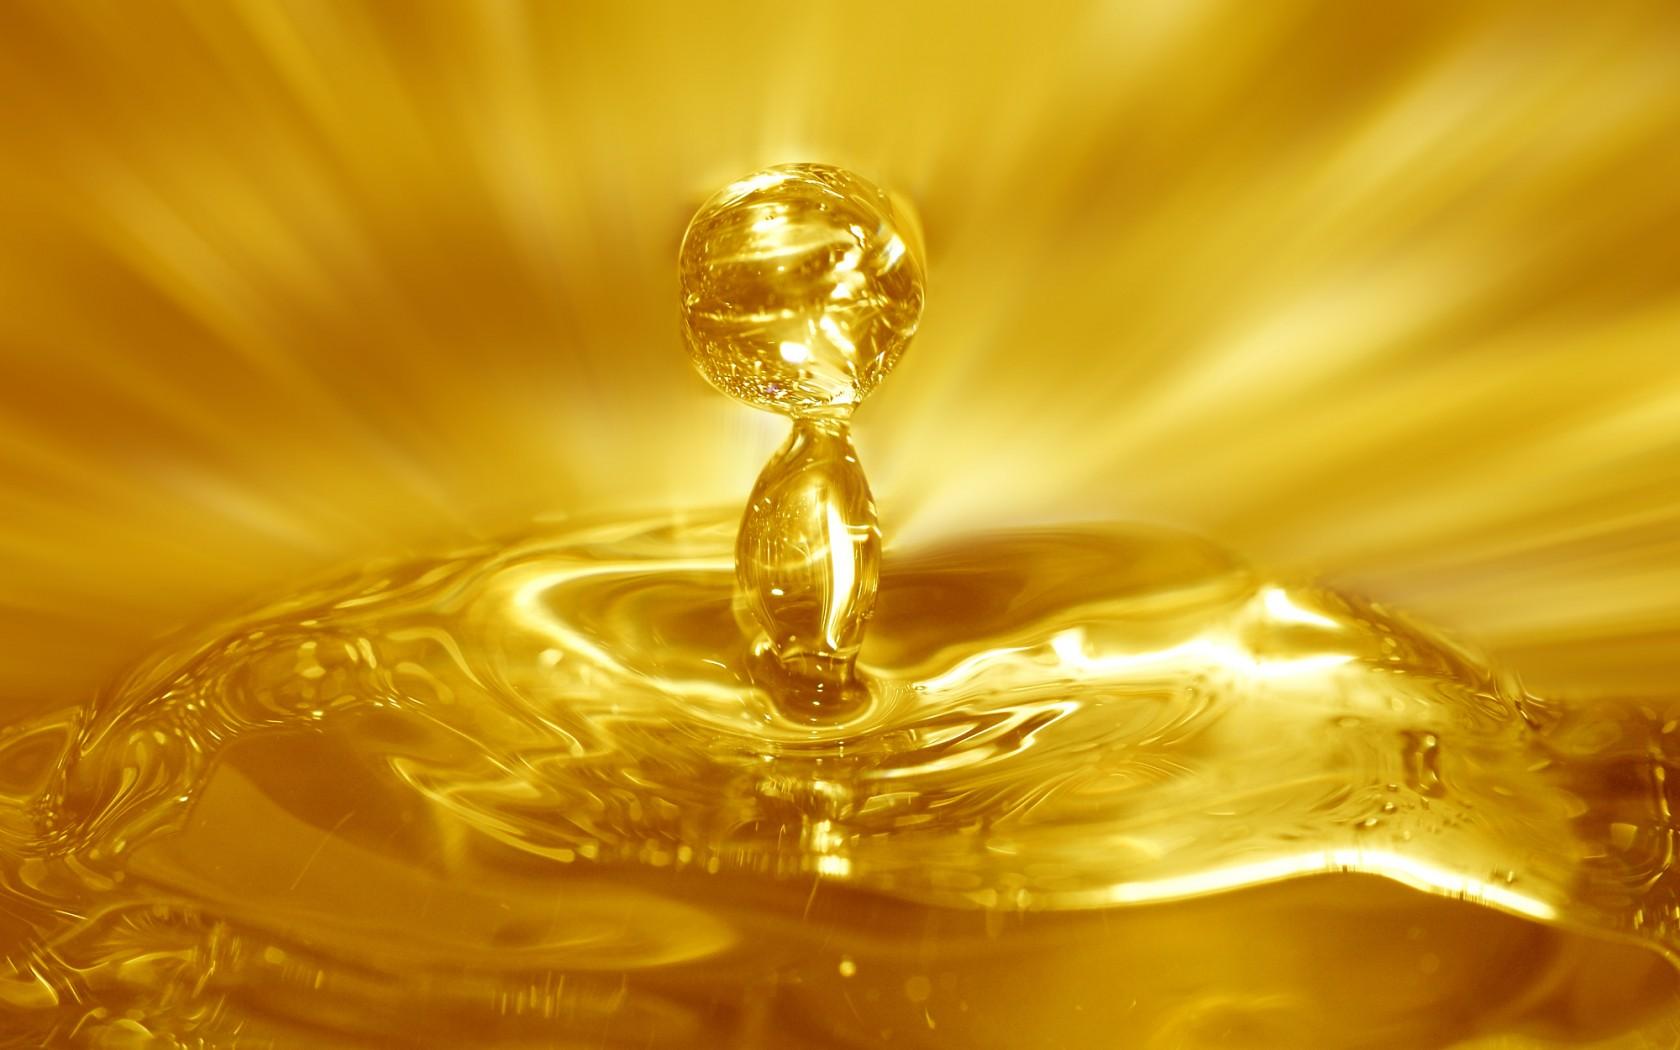 Ученые создали новую форму материи под названием «Liquid Light»